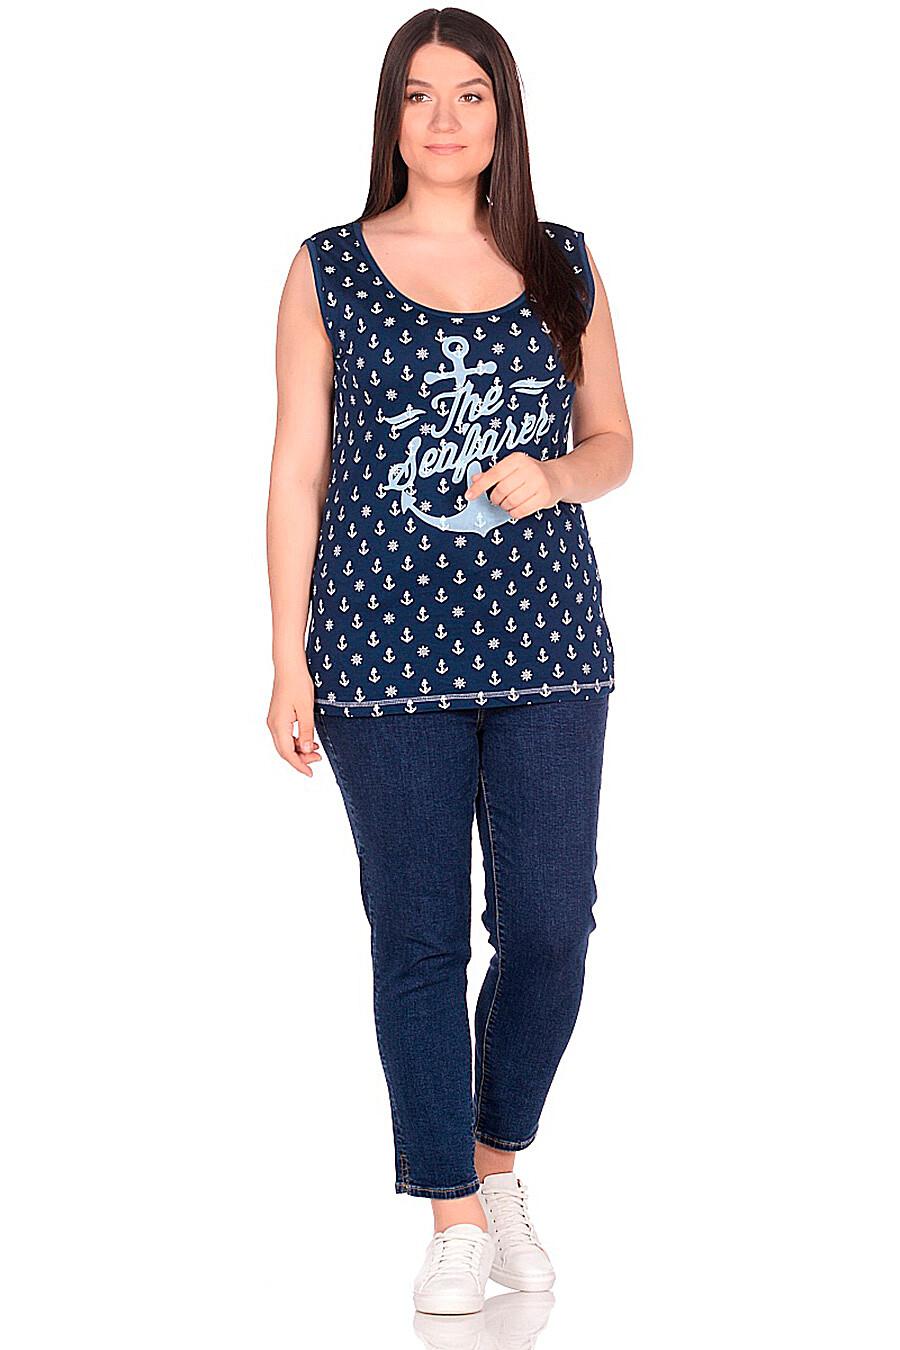 Майка для женщин N.O.A. 239313 купить оптом от производителя. Совместная покупка женской одежды в OptMoyo